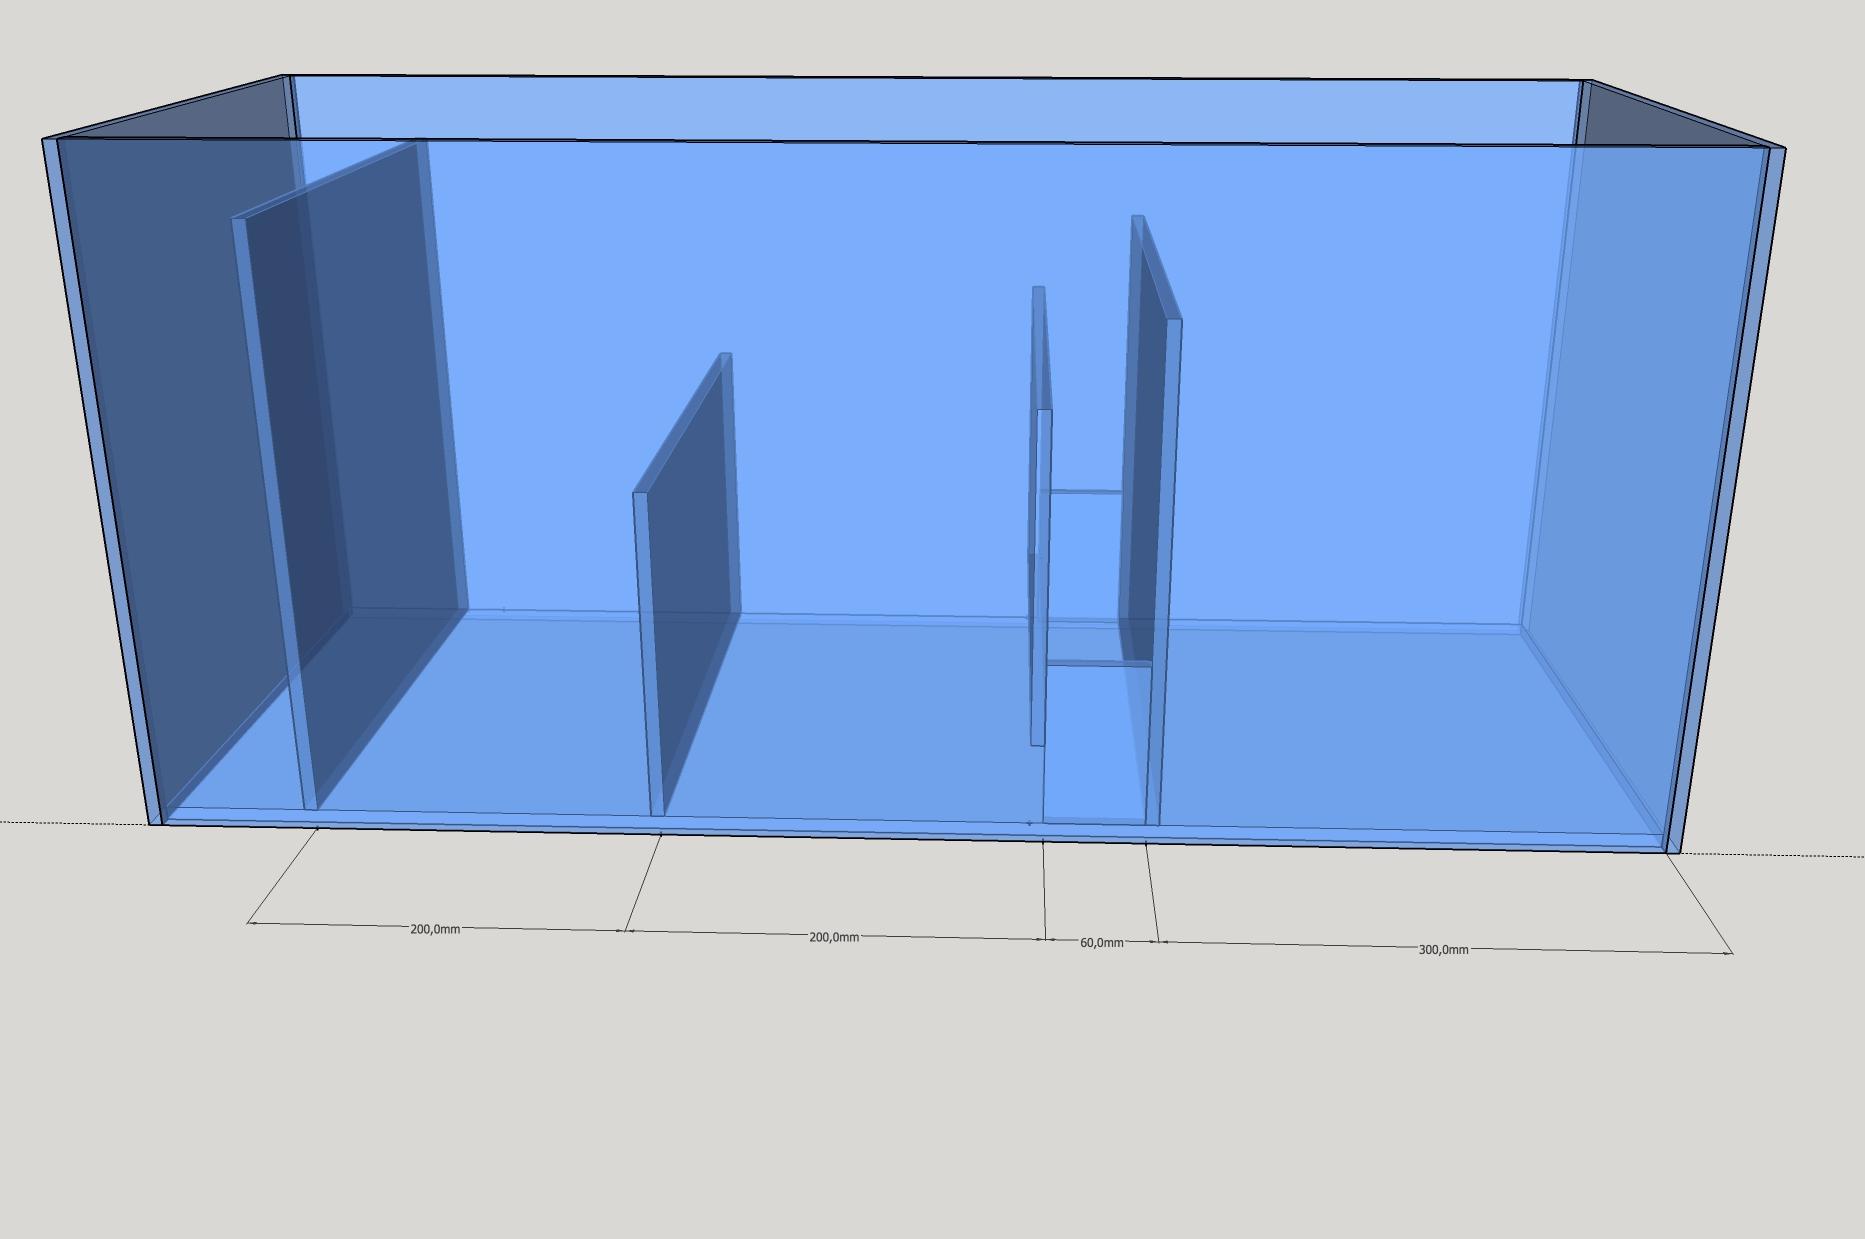 Deko schlafzimmer kleinanzeigen : Meerwasser Aquarium Verrohrung: Meine pfu00fctze 2.0 100 bis ...